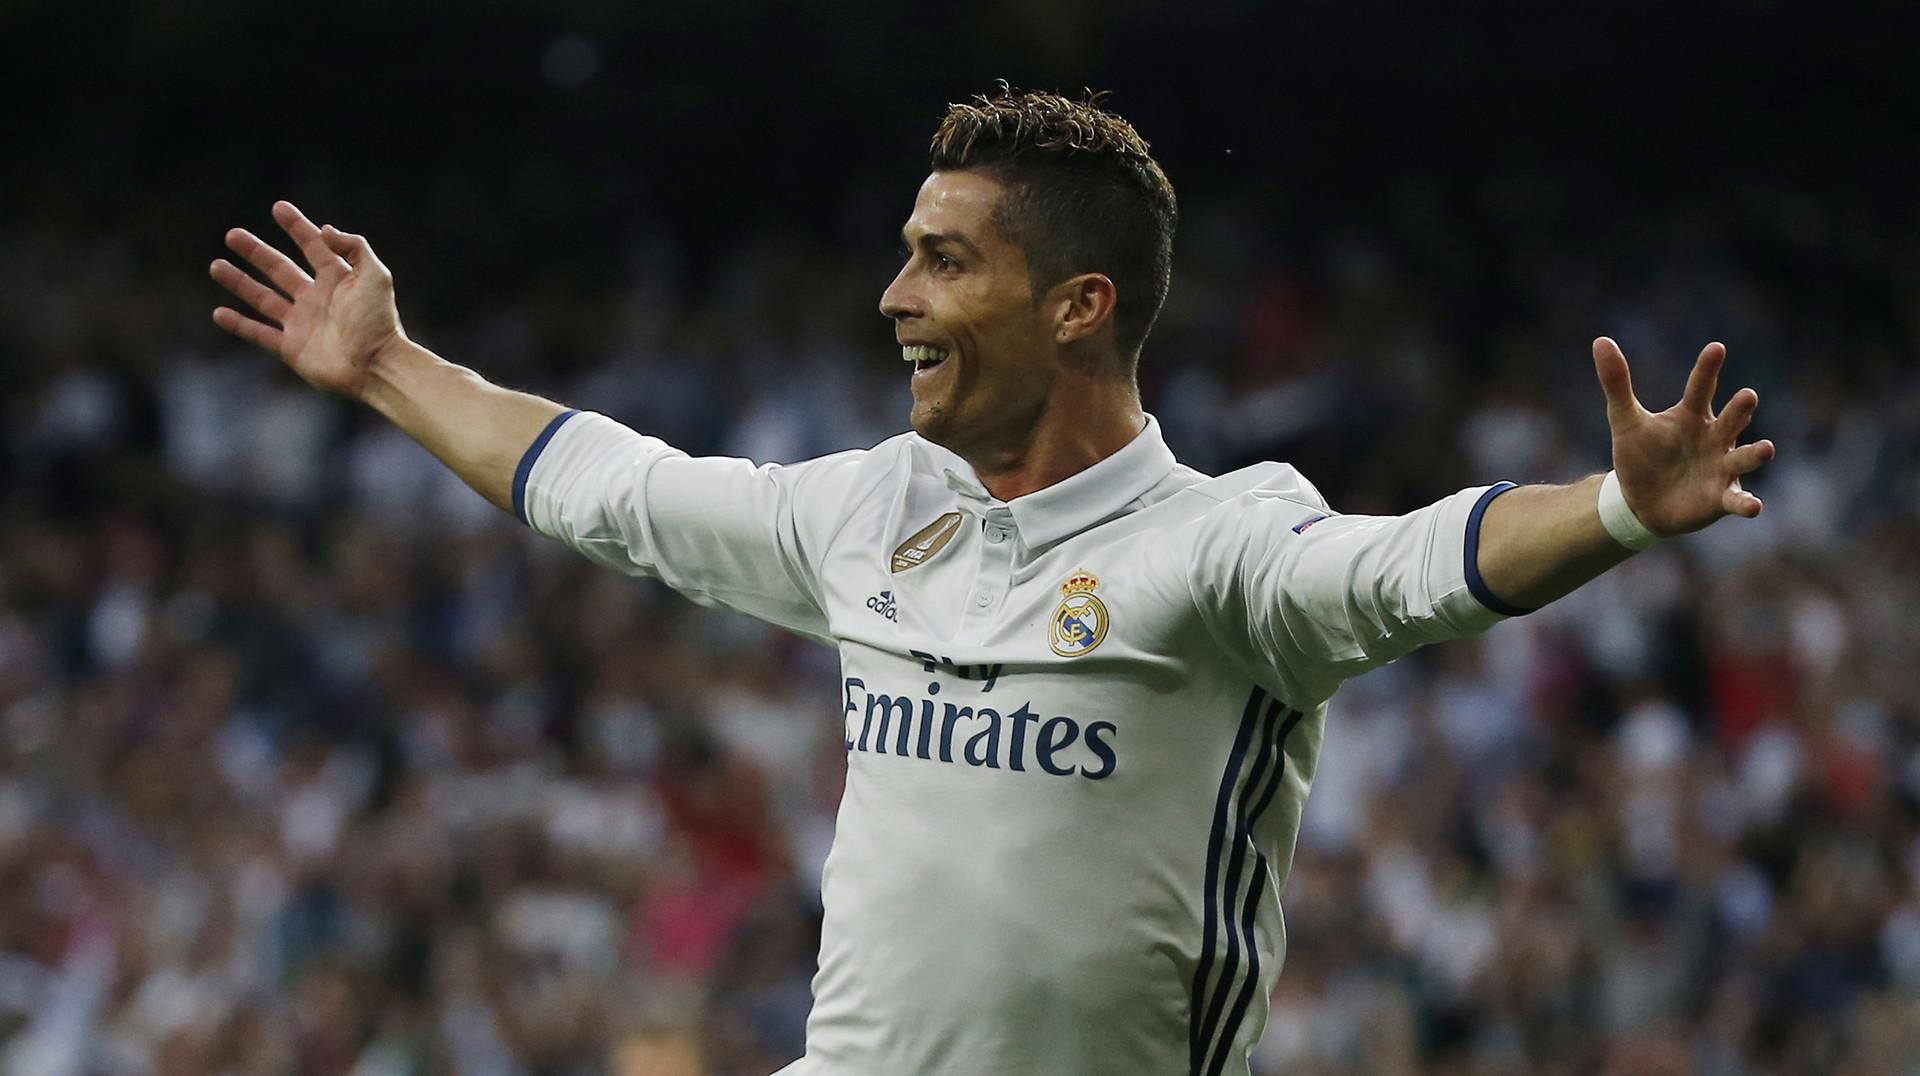 Прощай, интрига: «Реал» разгромил «Атлетико» в 1/2 финала ЛЧ благодаря хет-трику Роналду